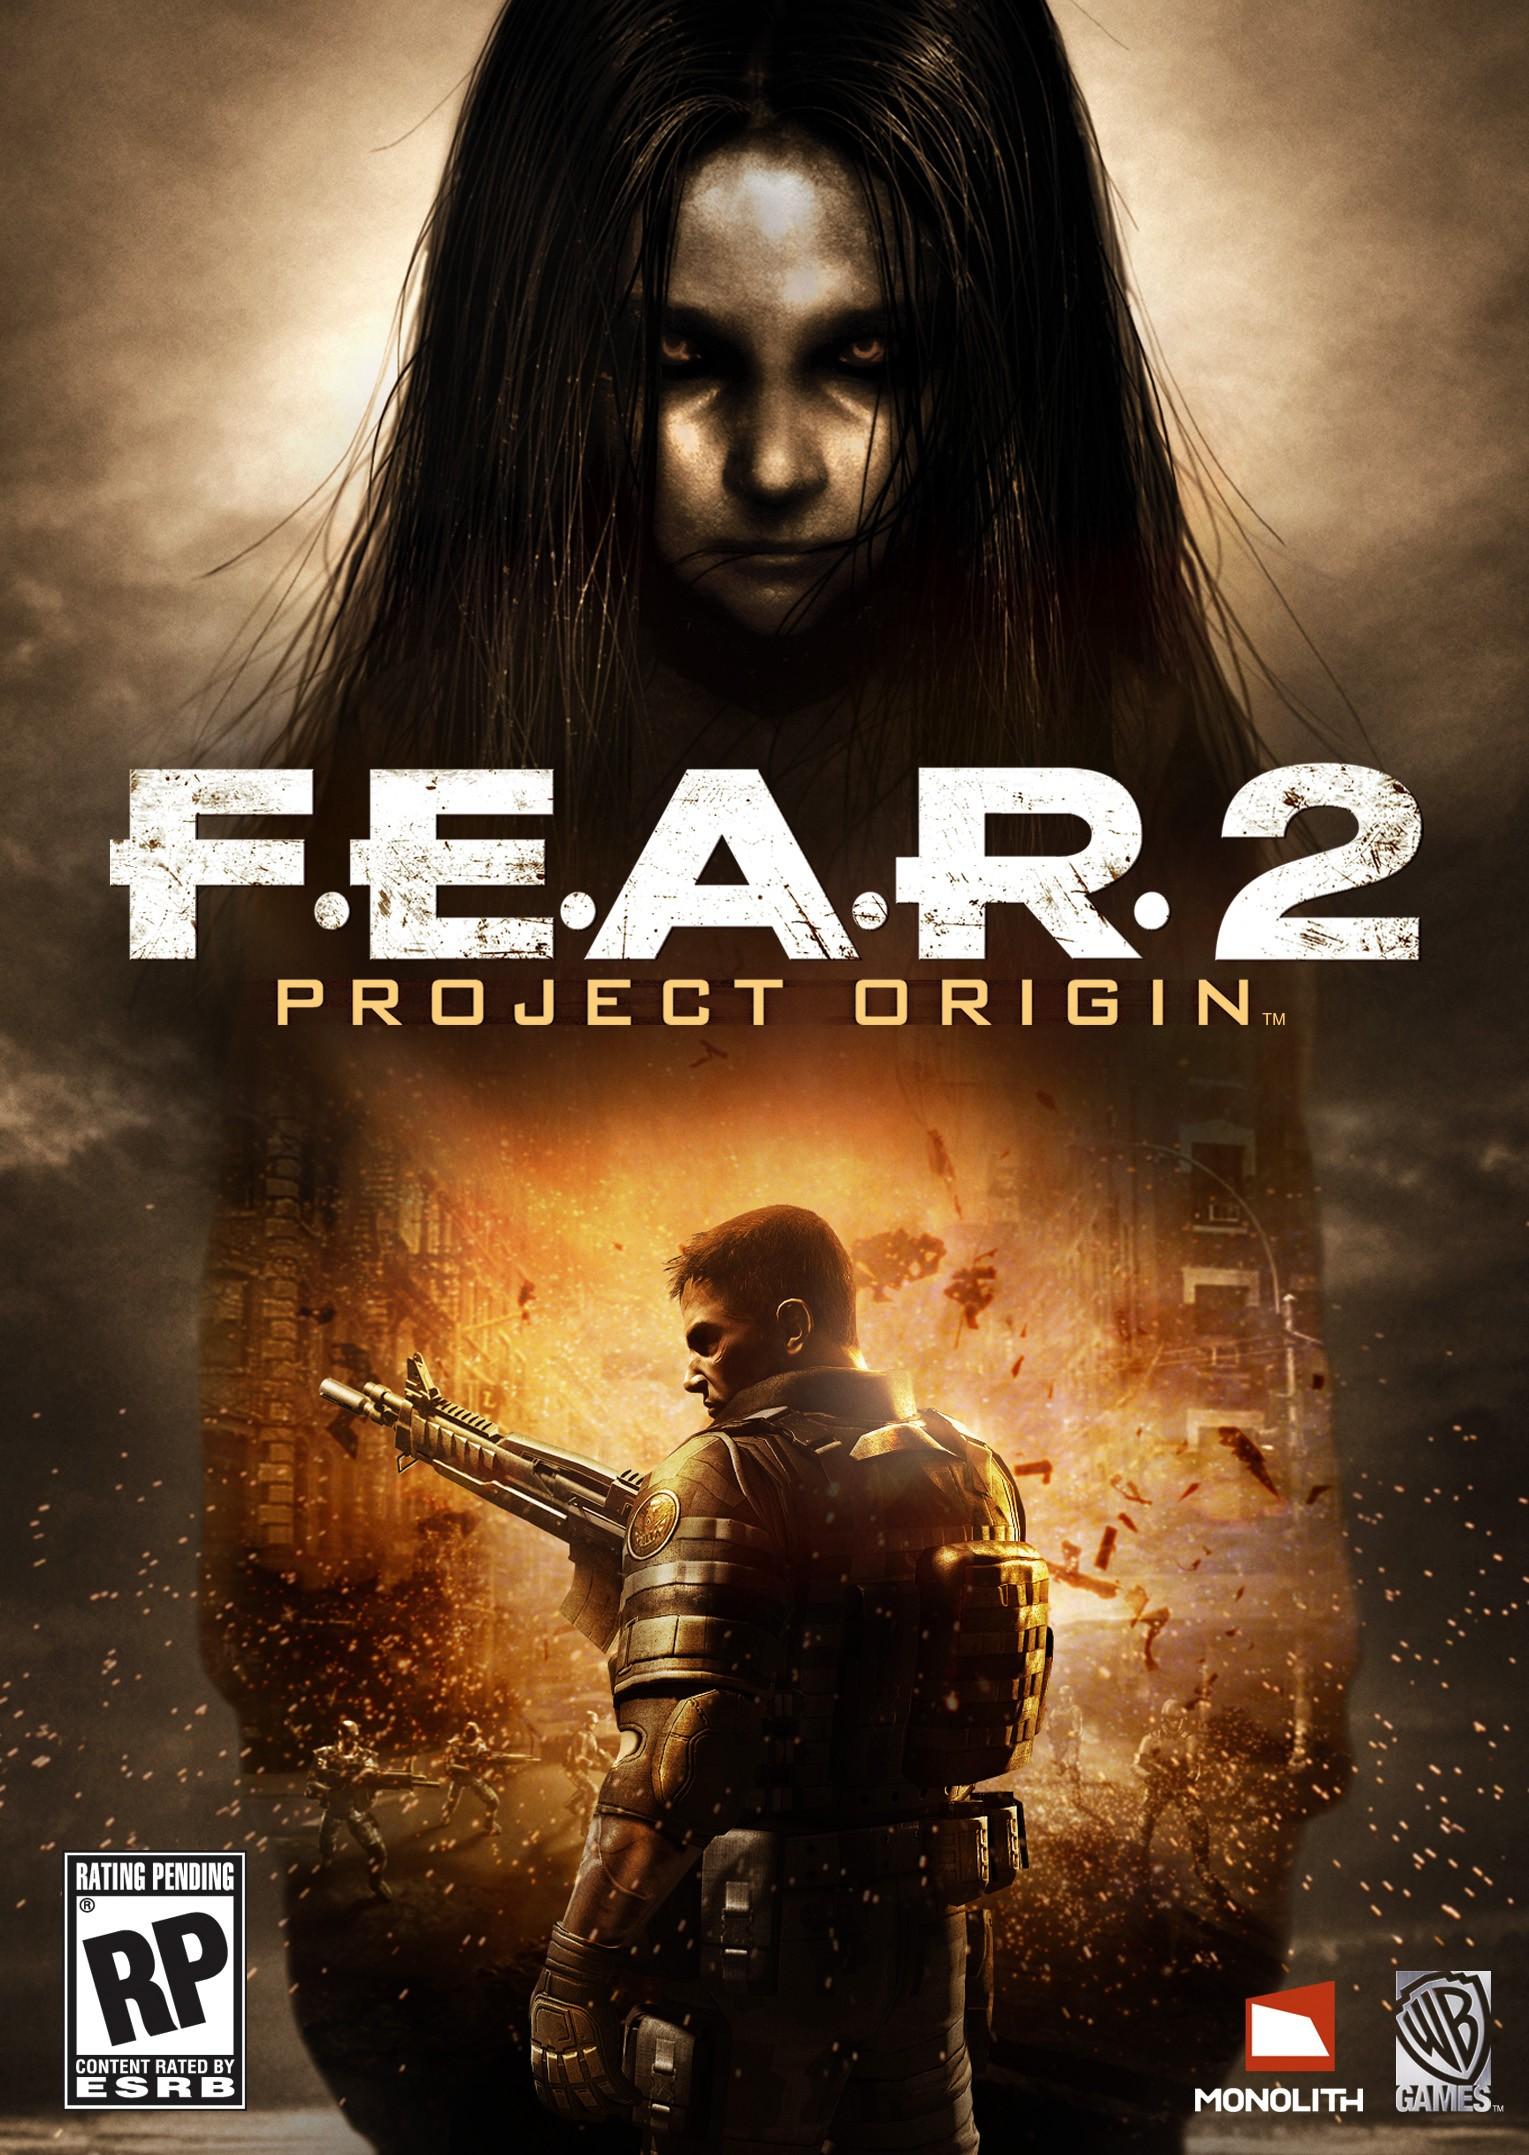 F.E.A.R. 2: Project Origin (Цифровая версия)Долгожданный сиквел F.E.A.R., одного из лучших шутеров от первого лица! Тебя вновь ожидают пробирающий до костей ужас, великолепная, детализованная графика и захватывающий сюжет.<br>